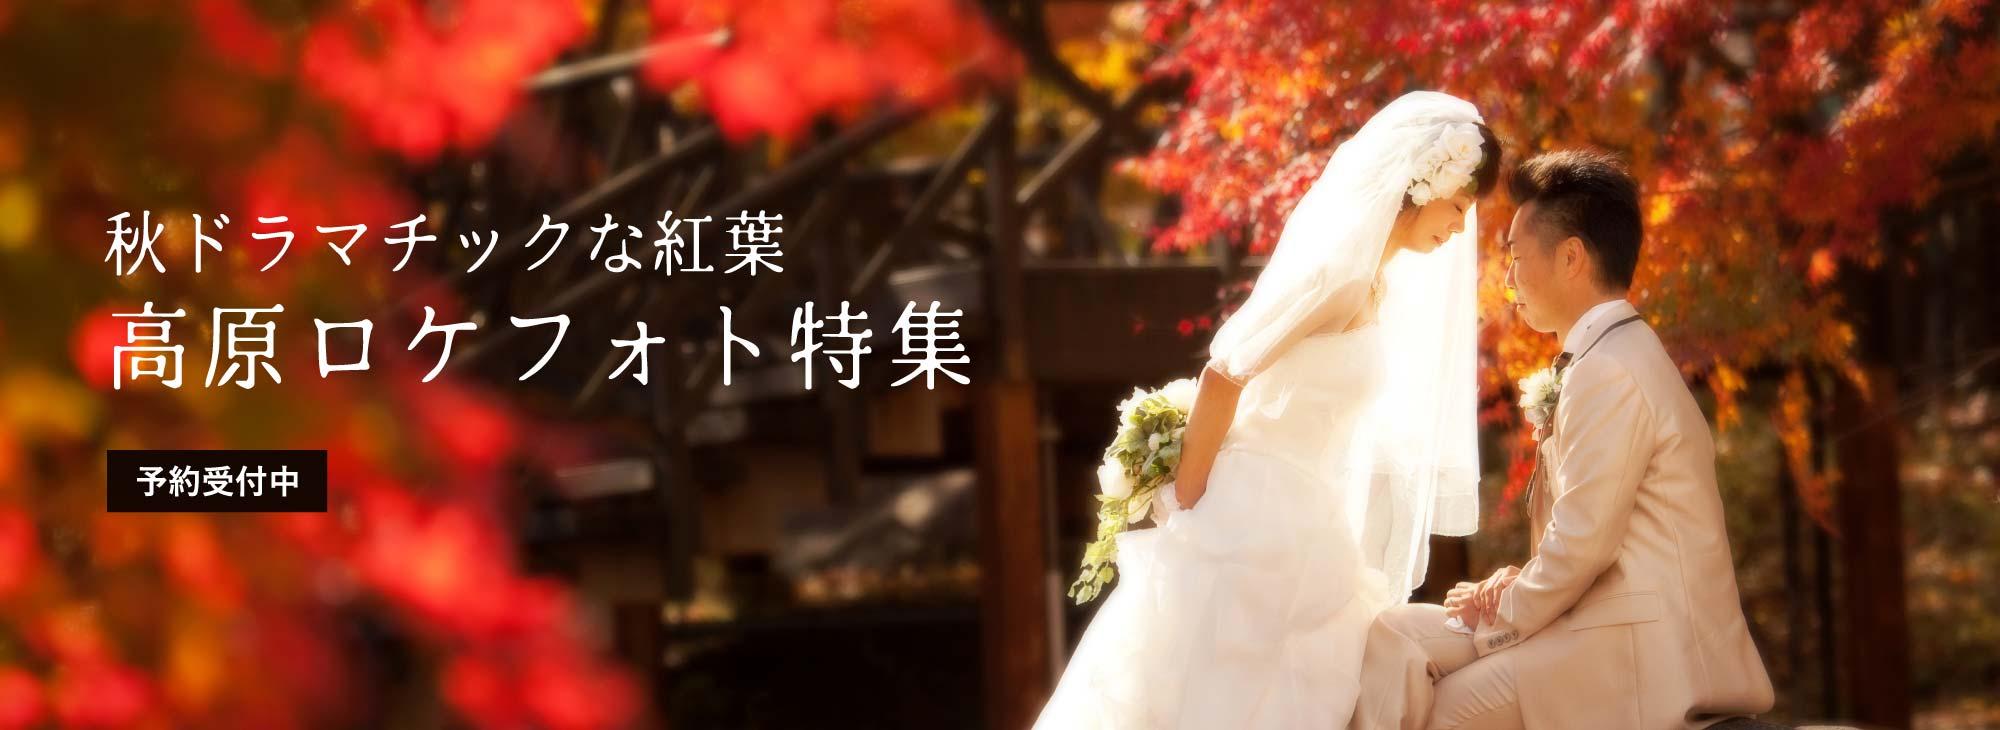 秋ドラマチックな紅葉 高原ロケフォト特集